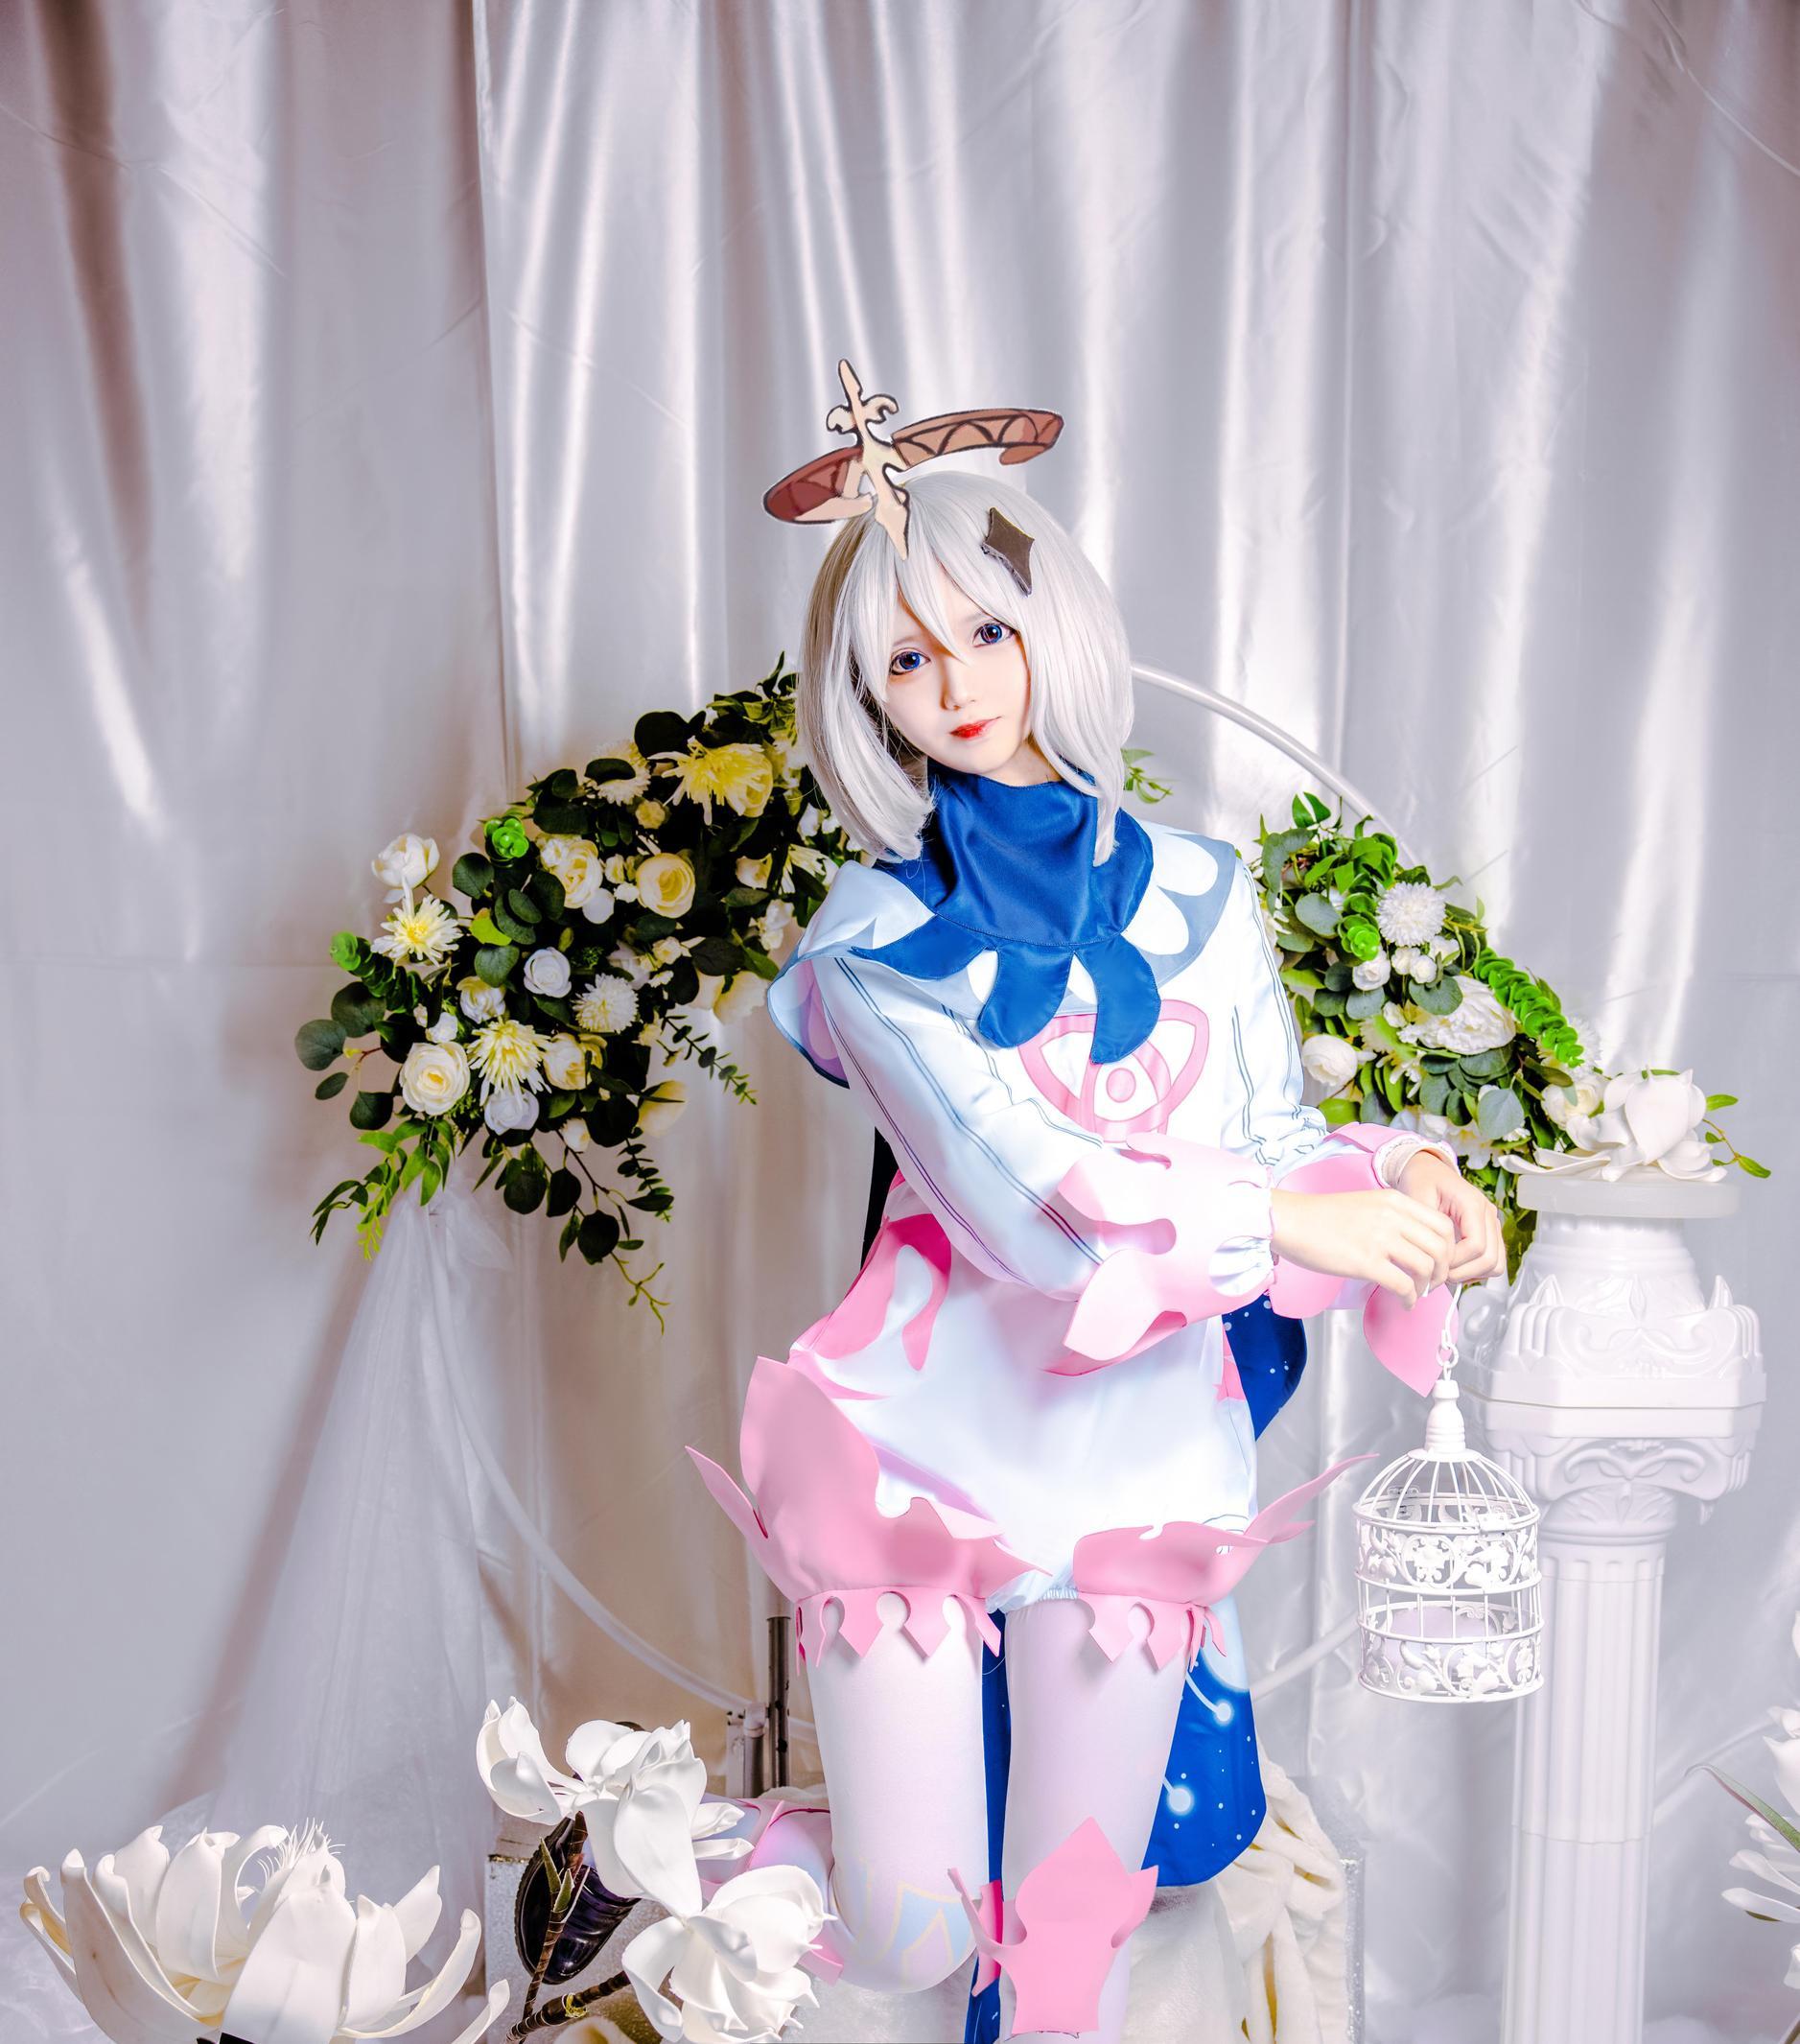 《原神》派蒙cosplay【CN:南千鲤Akirui】-第6张